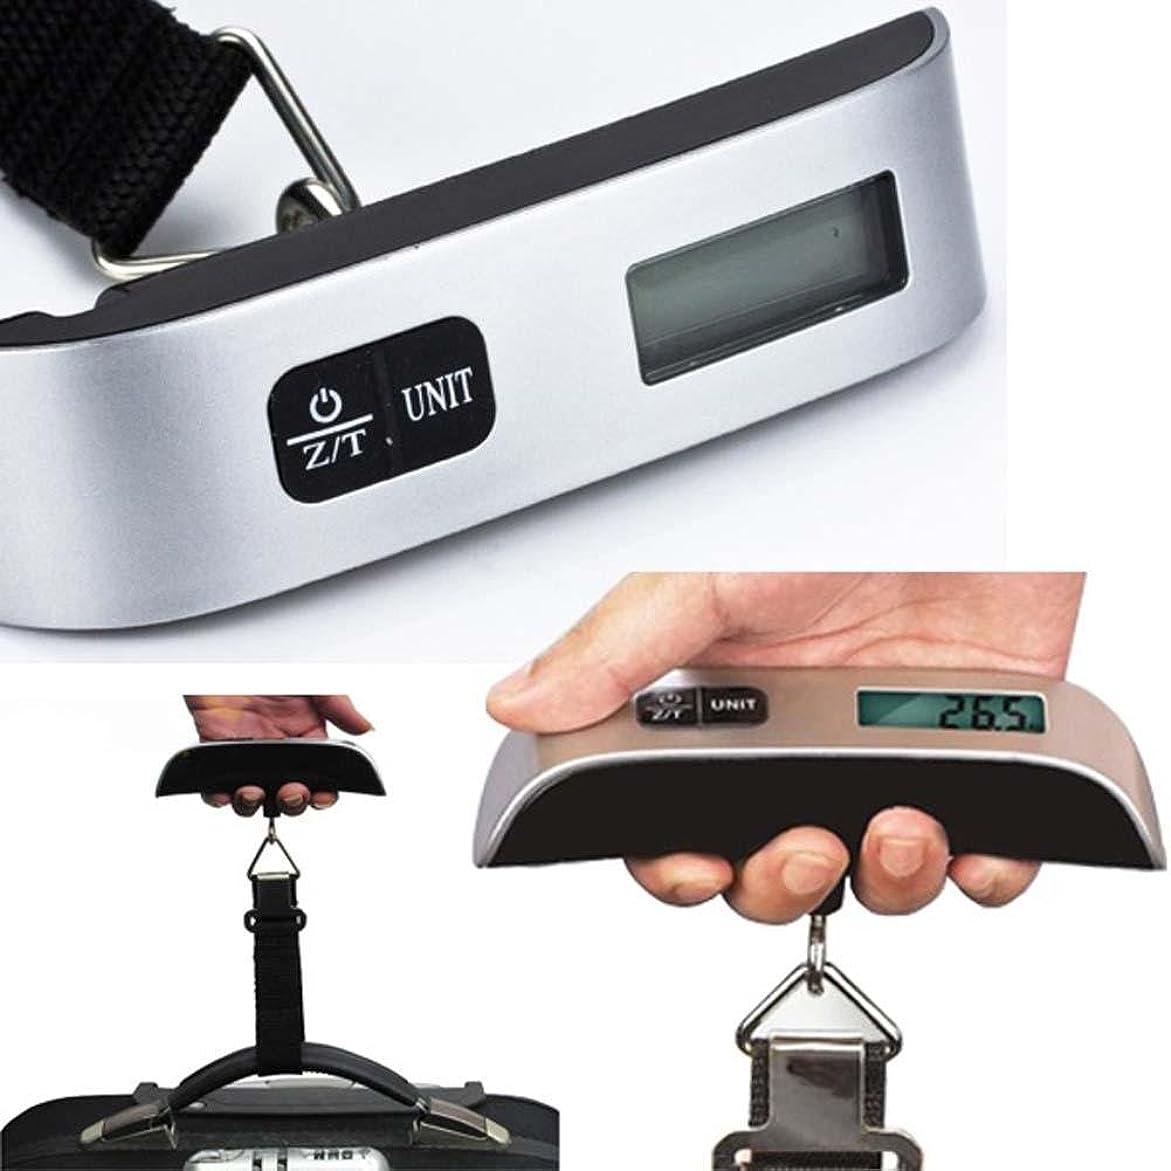 松の木葡萄おとなしいchangchunST 吊りはかり 旅行はかり スーツケース 携帯式 デジタルスケール はかり 重量計 荷物スケール UNITボタンで単位切換 LCD液晶ディスプレイ 小型 軽量 最大50kgまで量れる